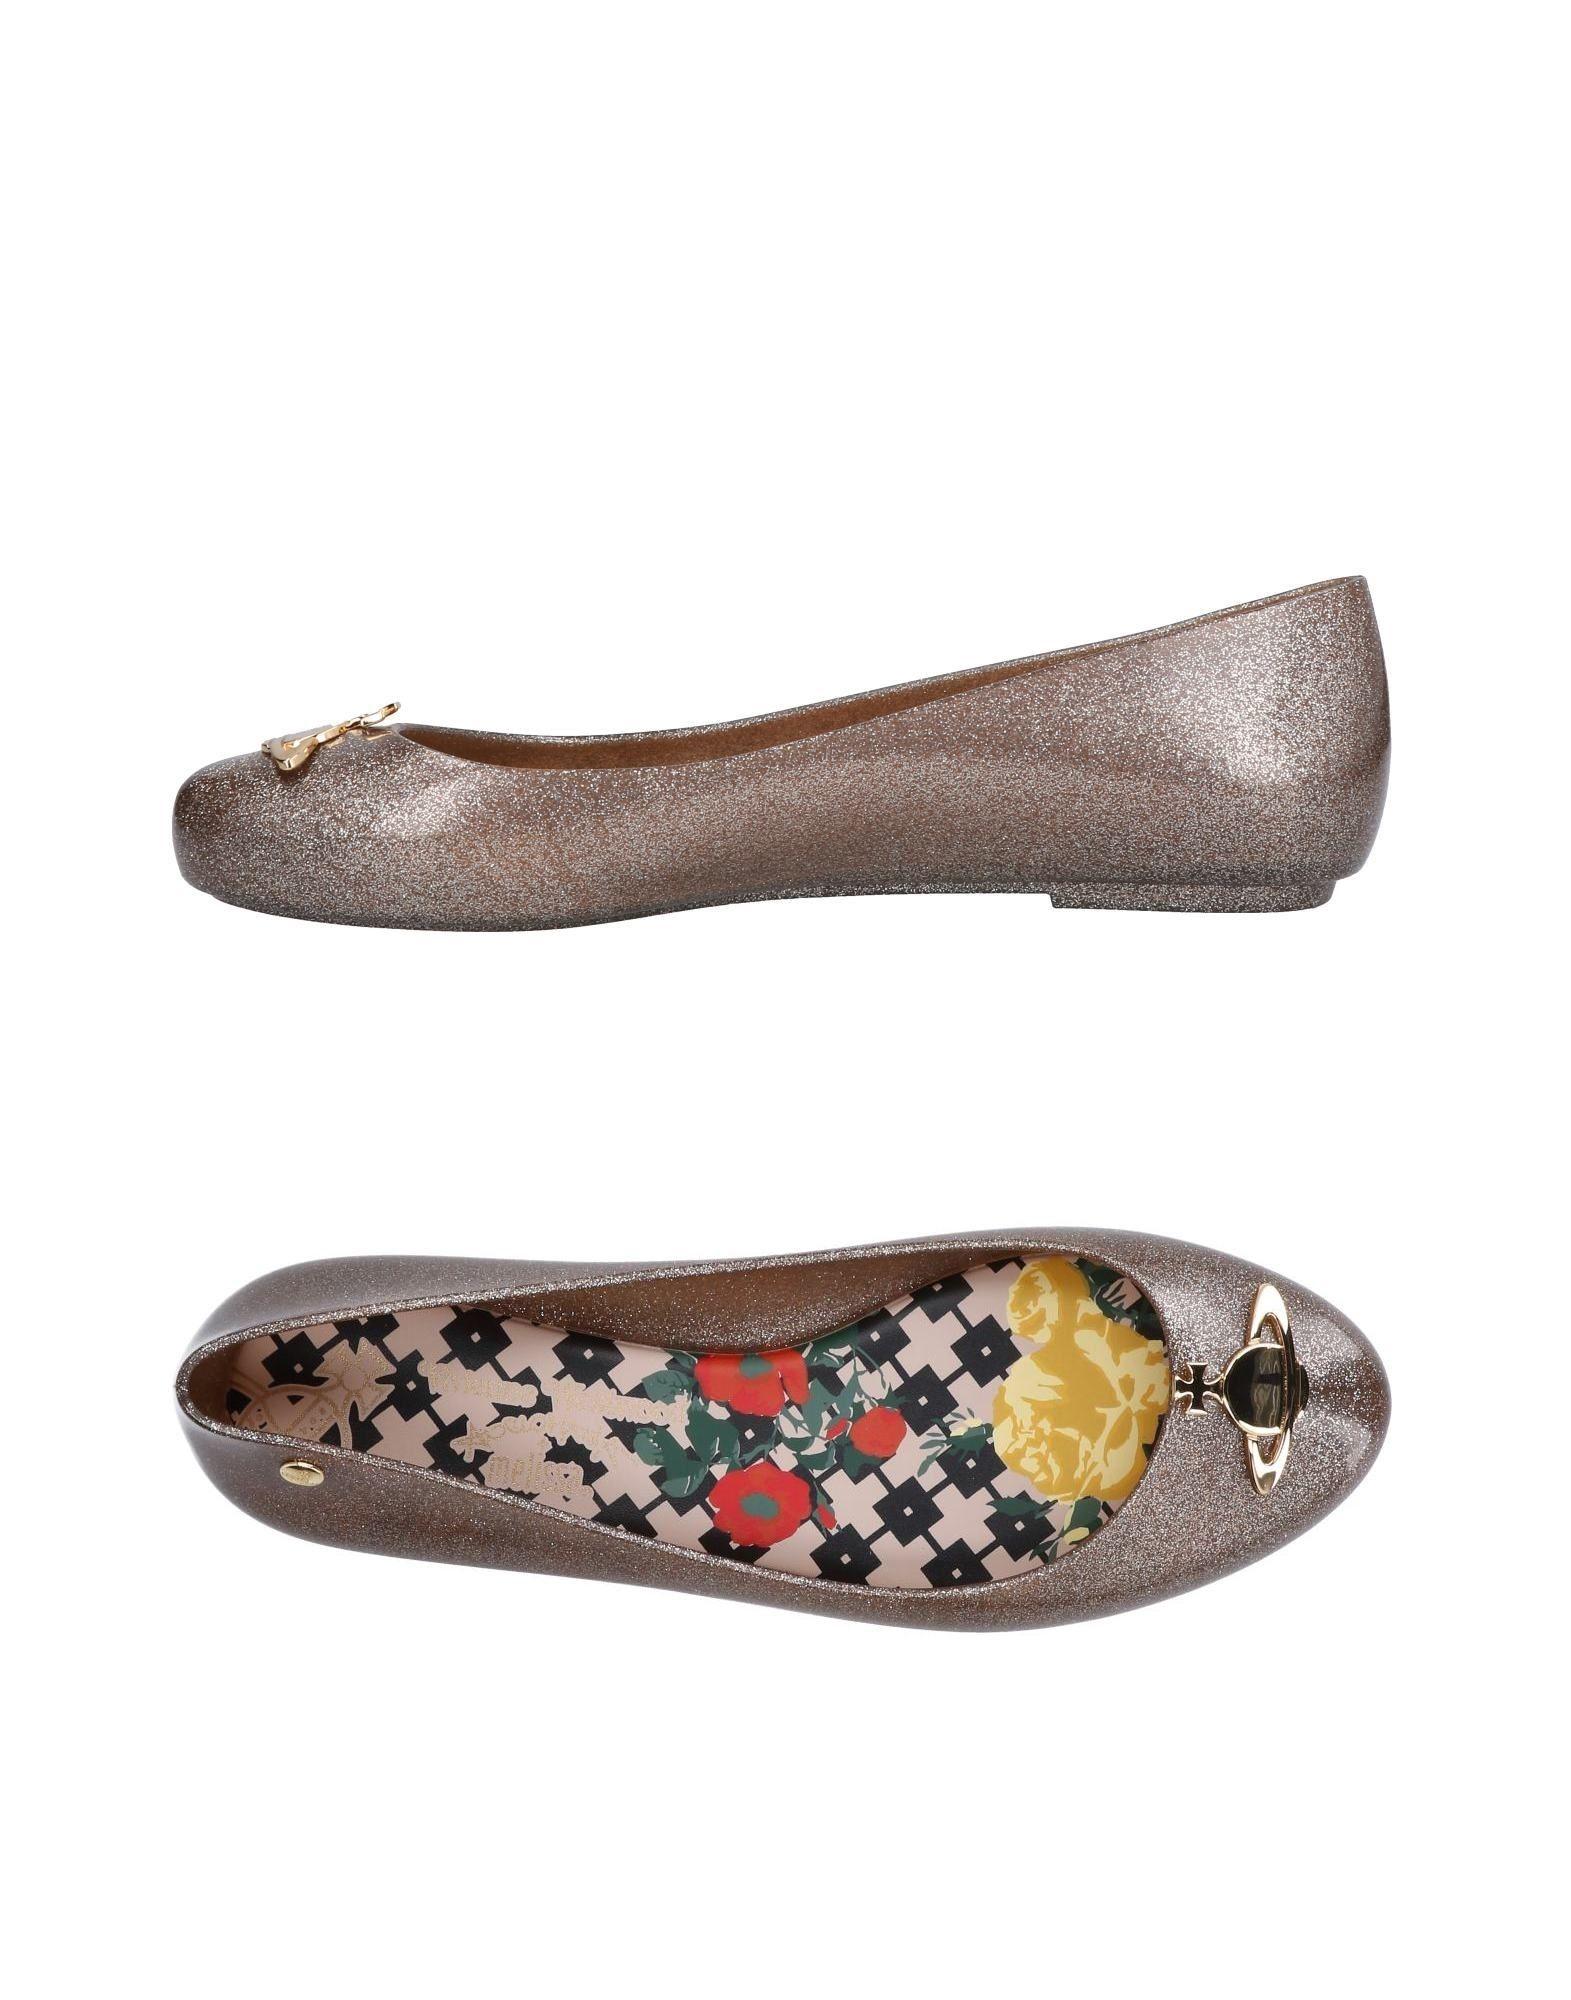 Vivienne Westwood Anglomania + Melissa Ballerinas Damen  11473641OL Gute Qualität beliebte Schuhe